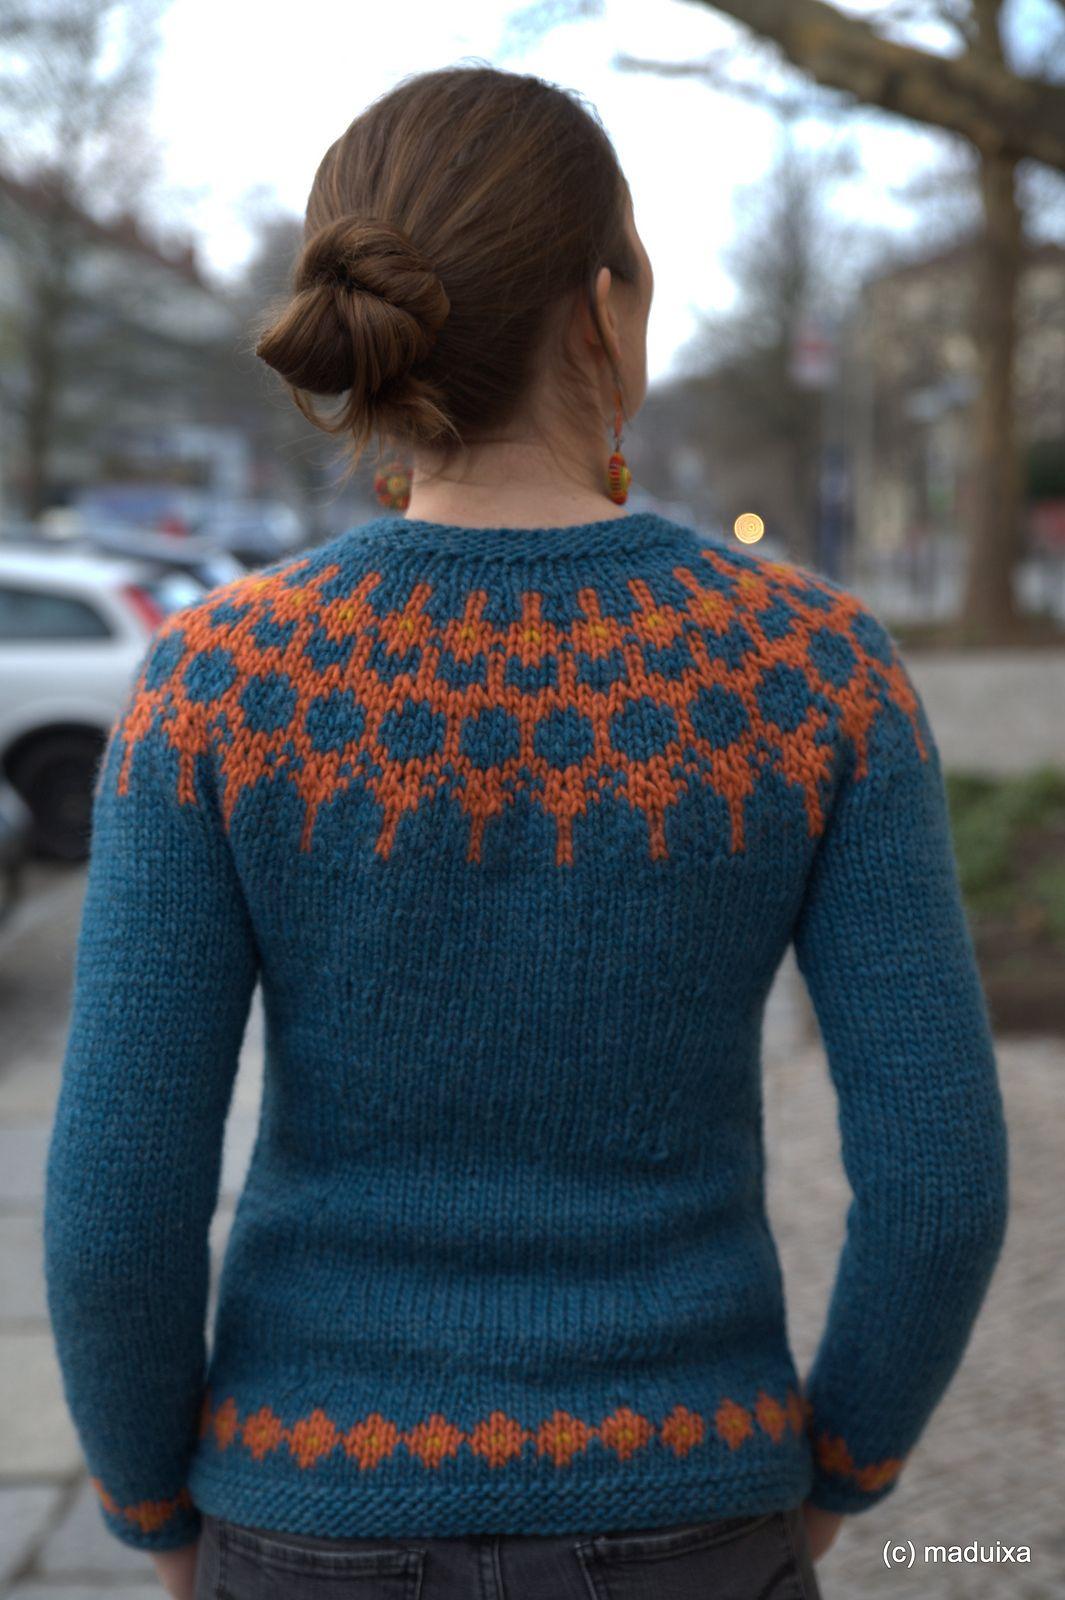 Ravelry: maduixa76's Hela | Knitting inspiration, Pattern ...